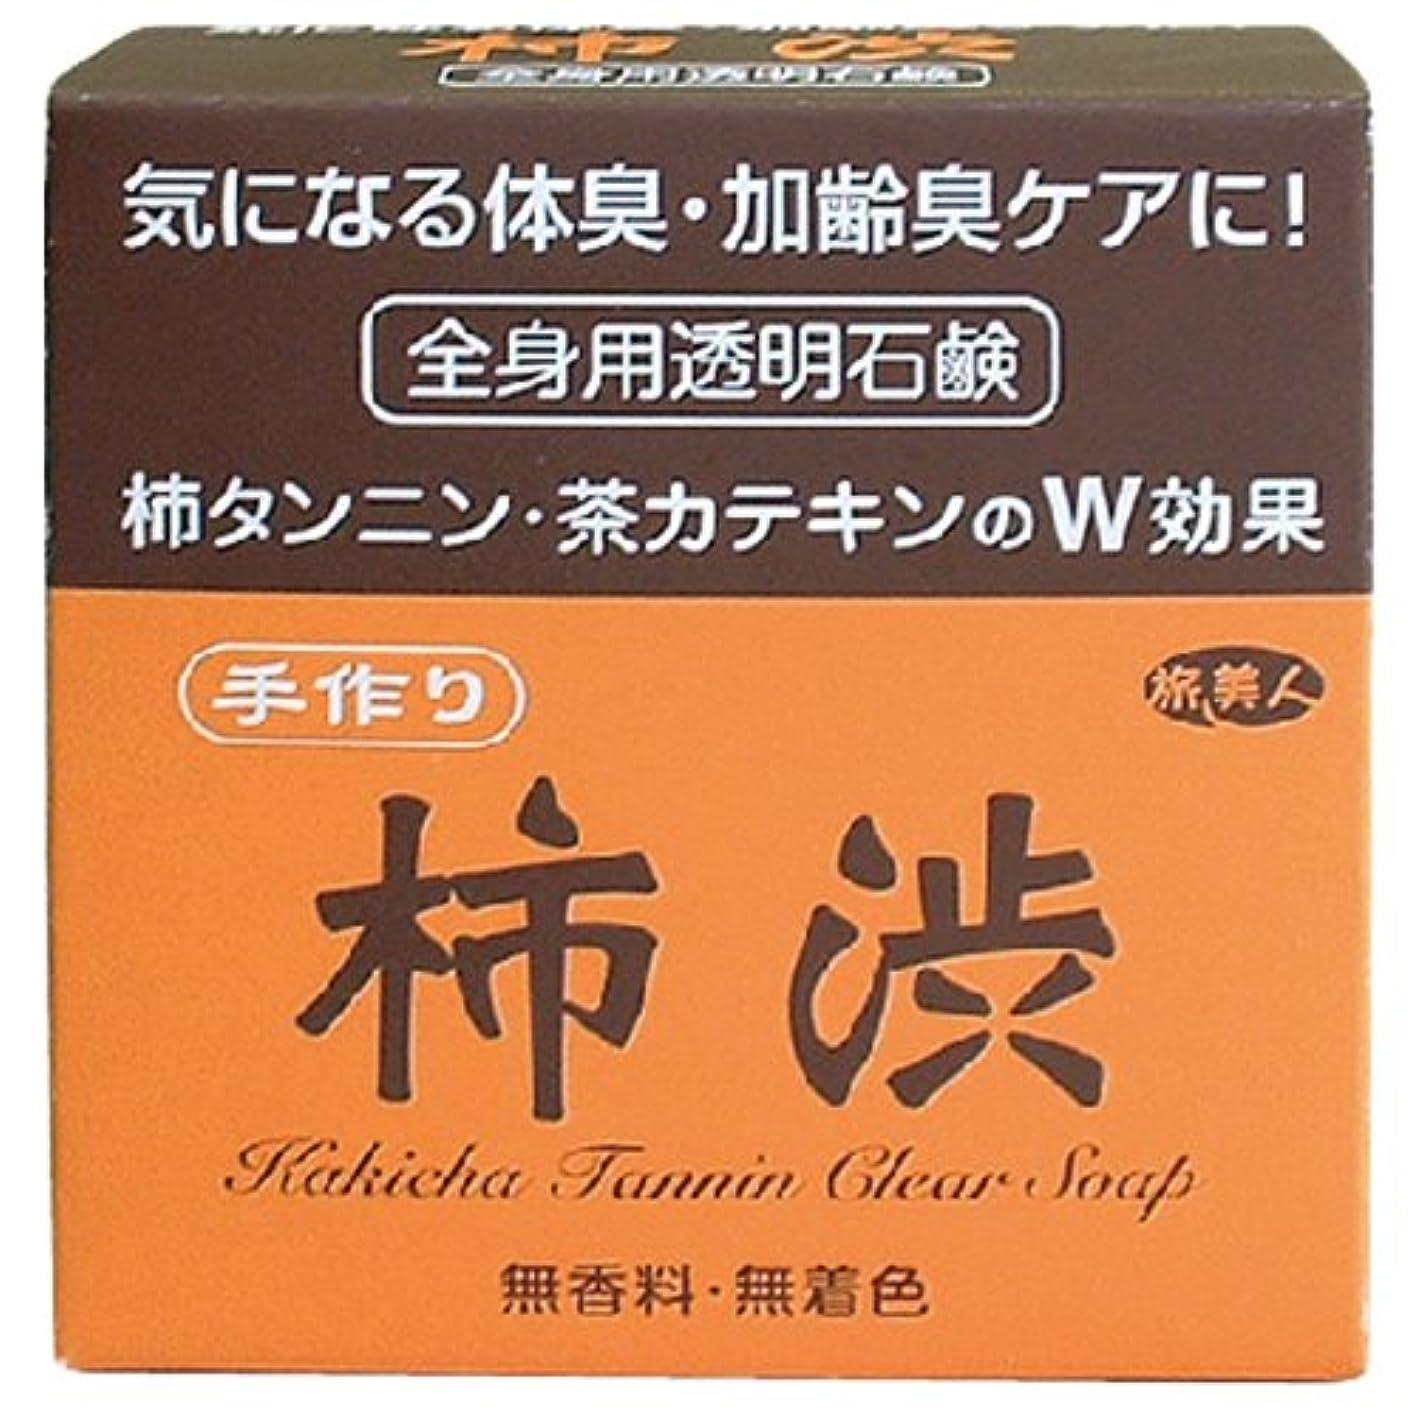 パラダイス忘れる狐気になる体臭?加齢臭ケアに アズマ商事の手作り柿渋透明石鹸